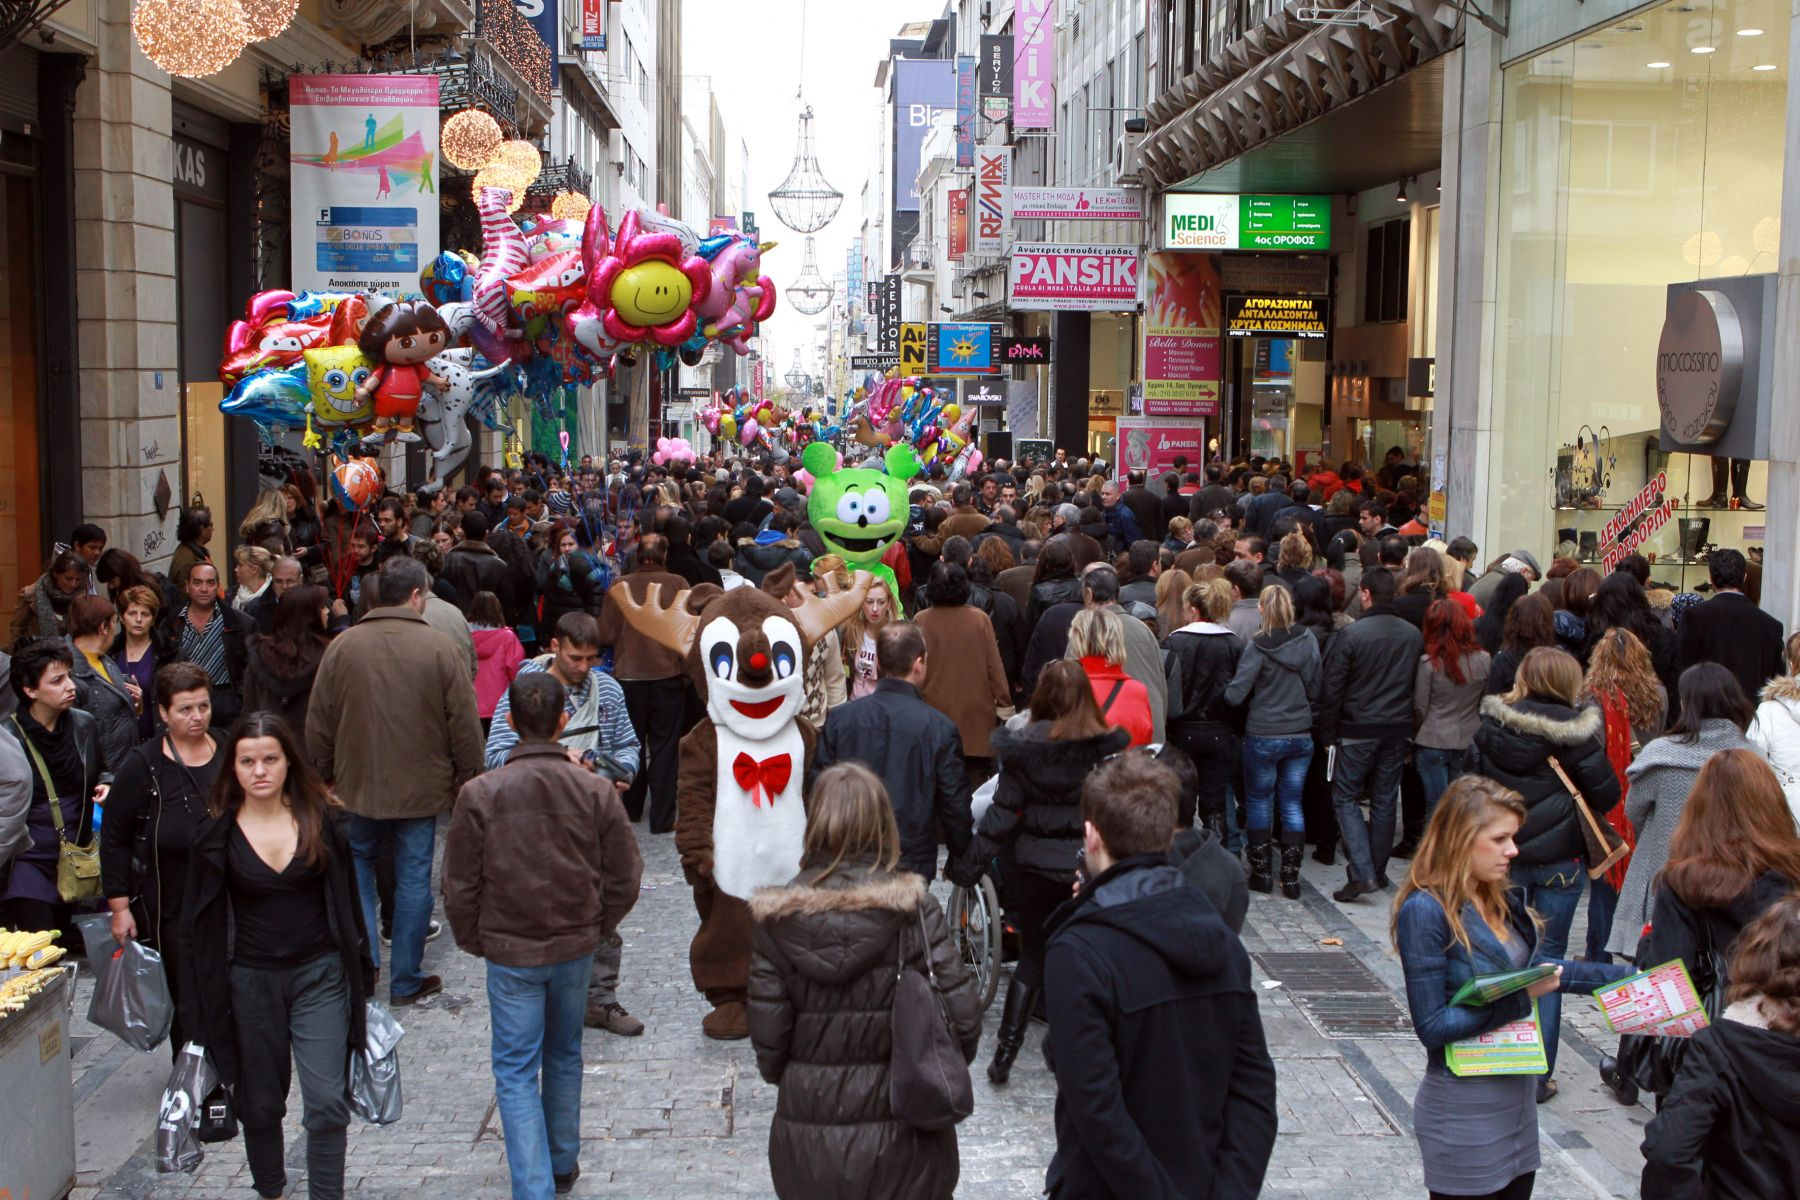 Εντατικοί έλεγχοι στην αγορά από την Περιφέρεια Αττικής ενόψει των εορτών